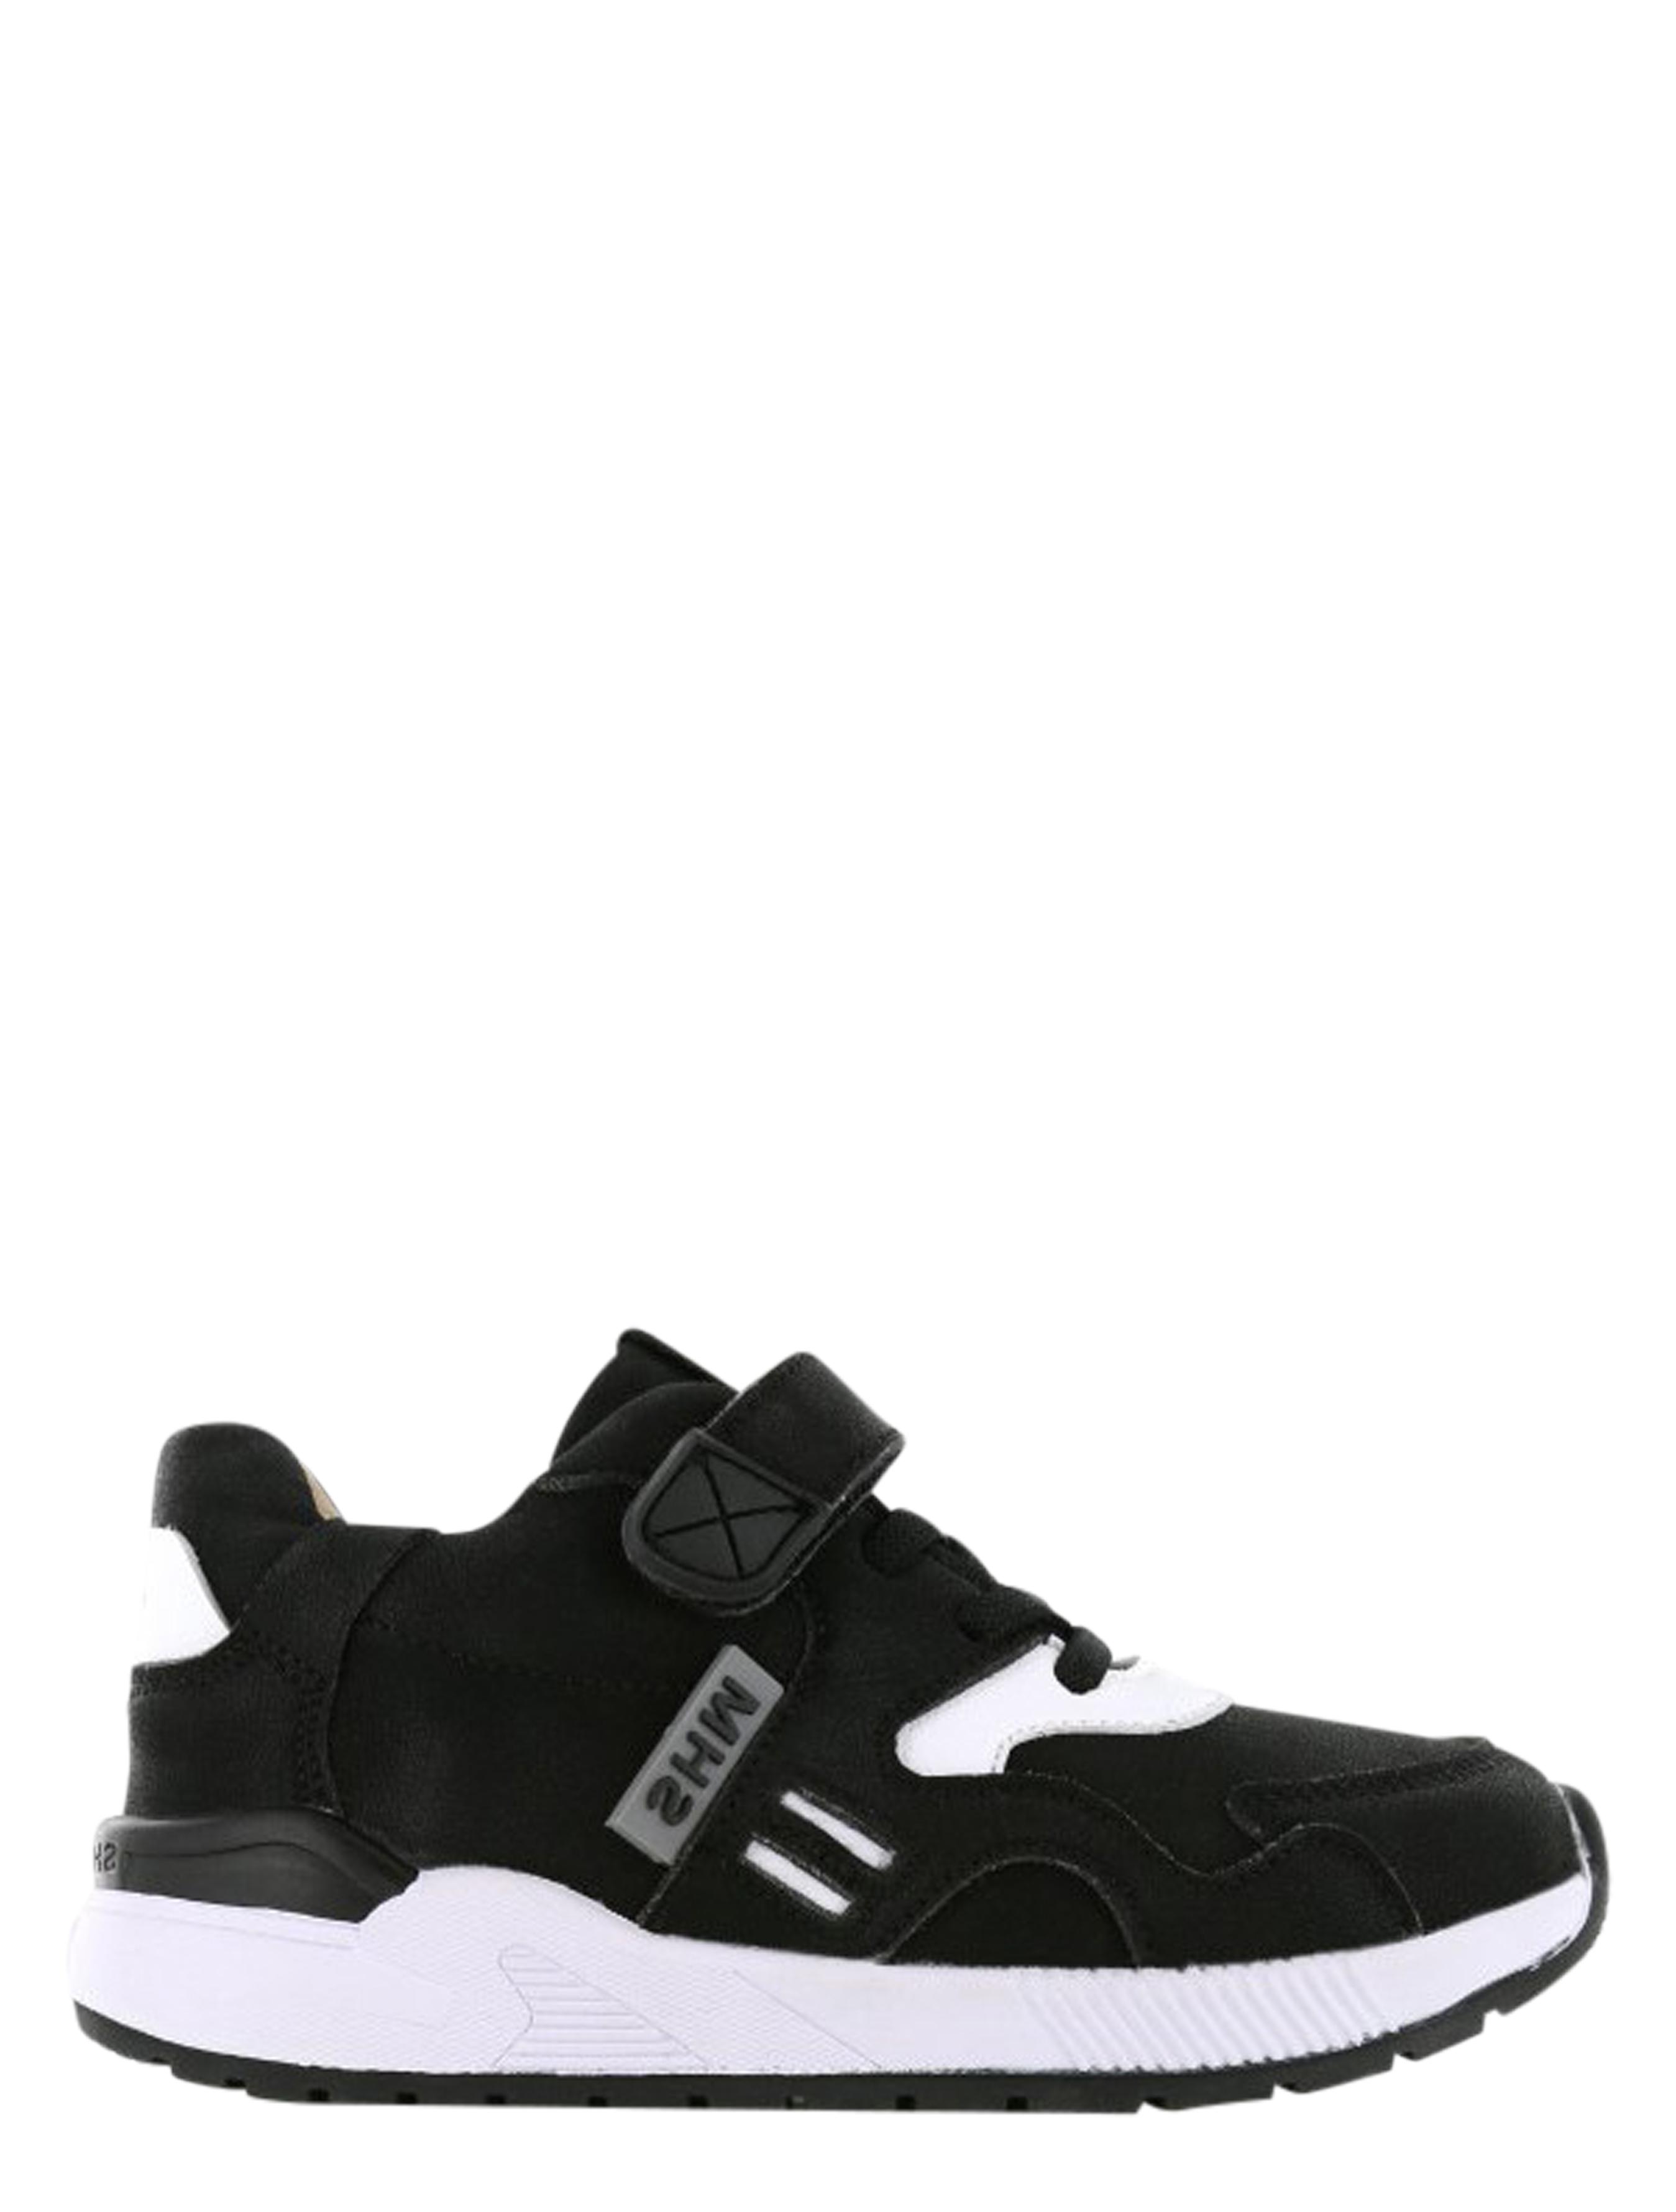 Shoesme ST21W015-A Black White Sneakers